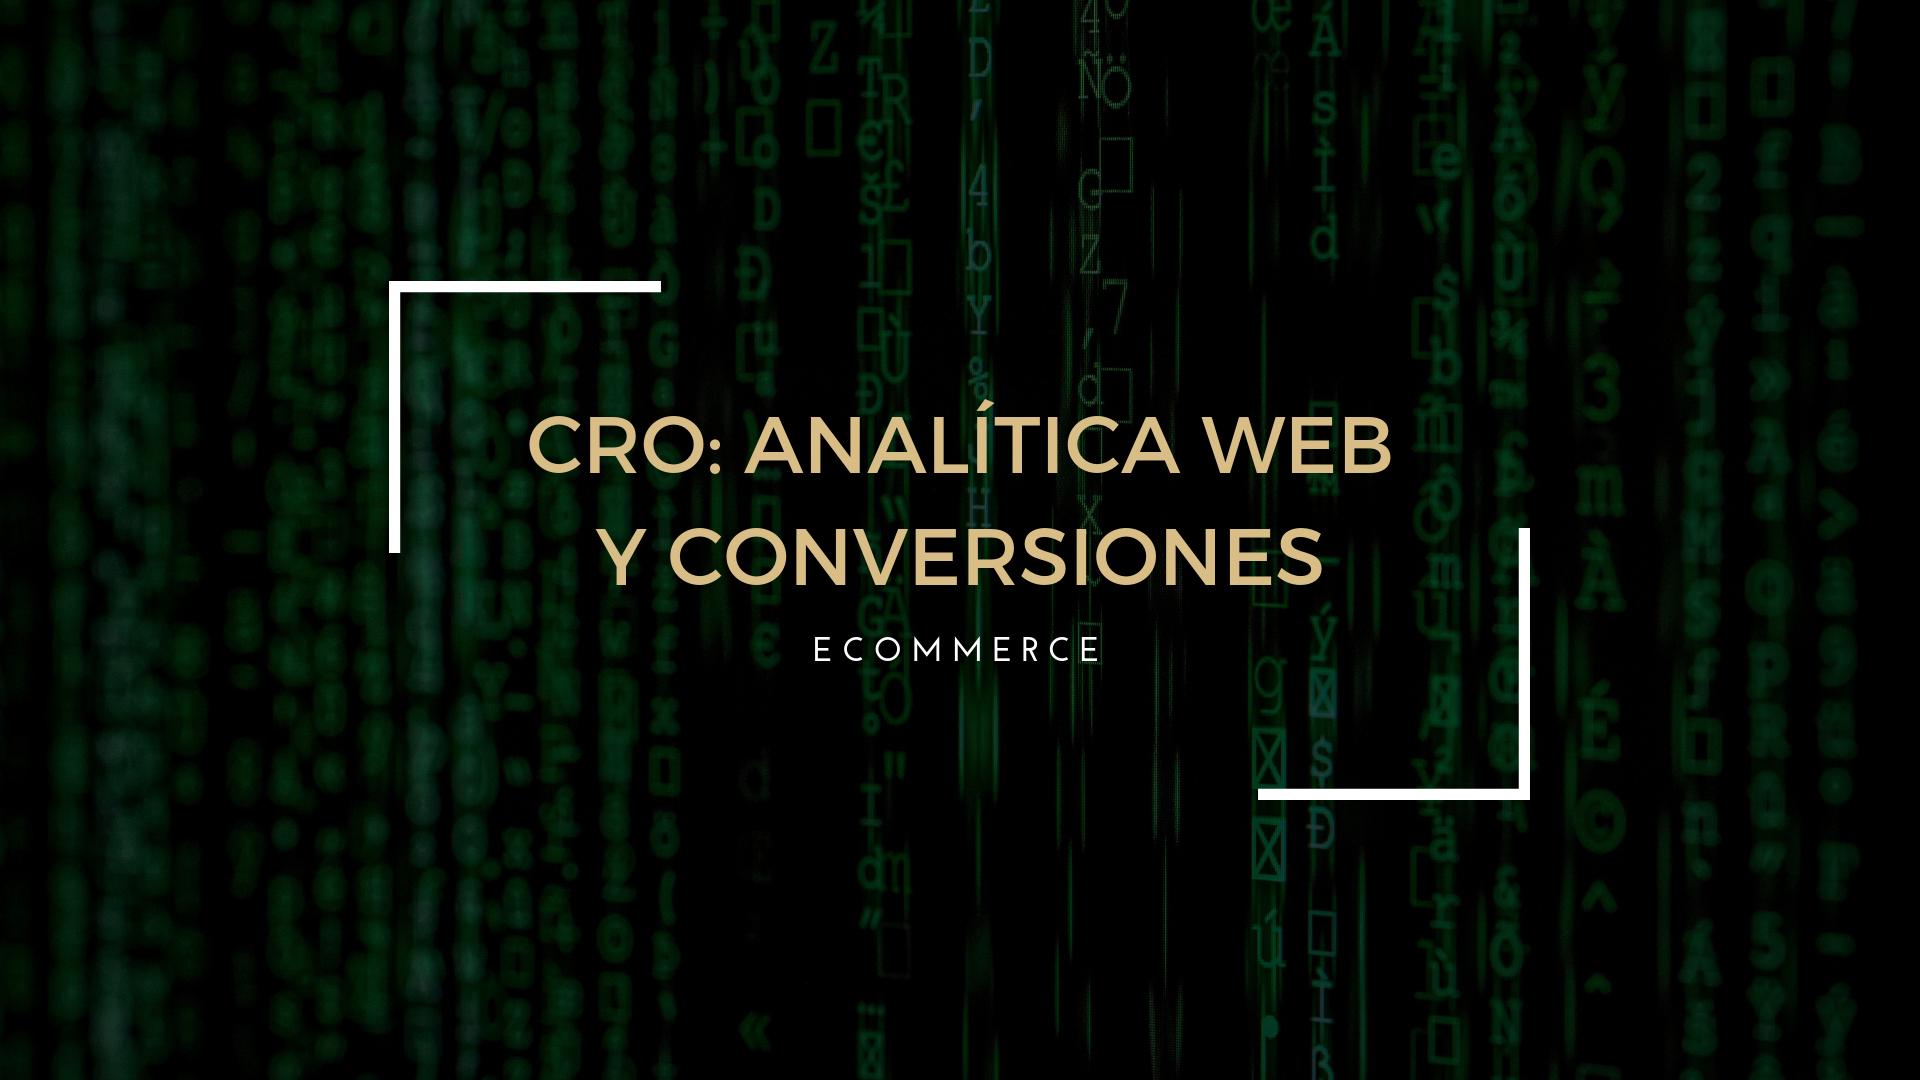 CRO: Analítica Web y Conversión de un ecommerce